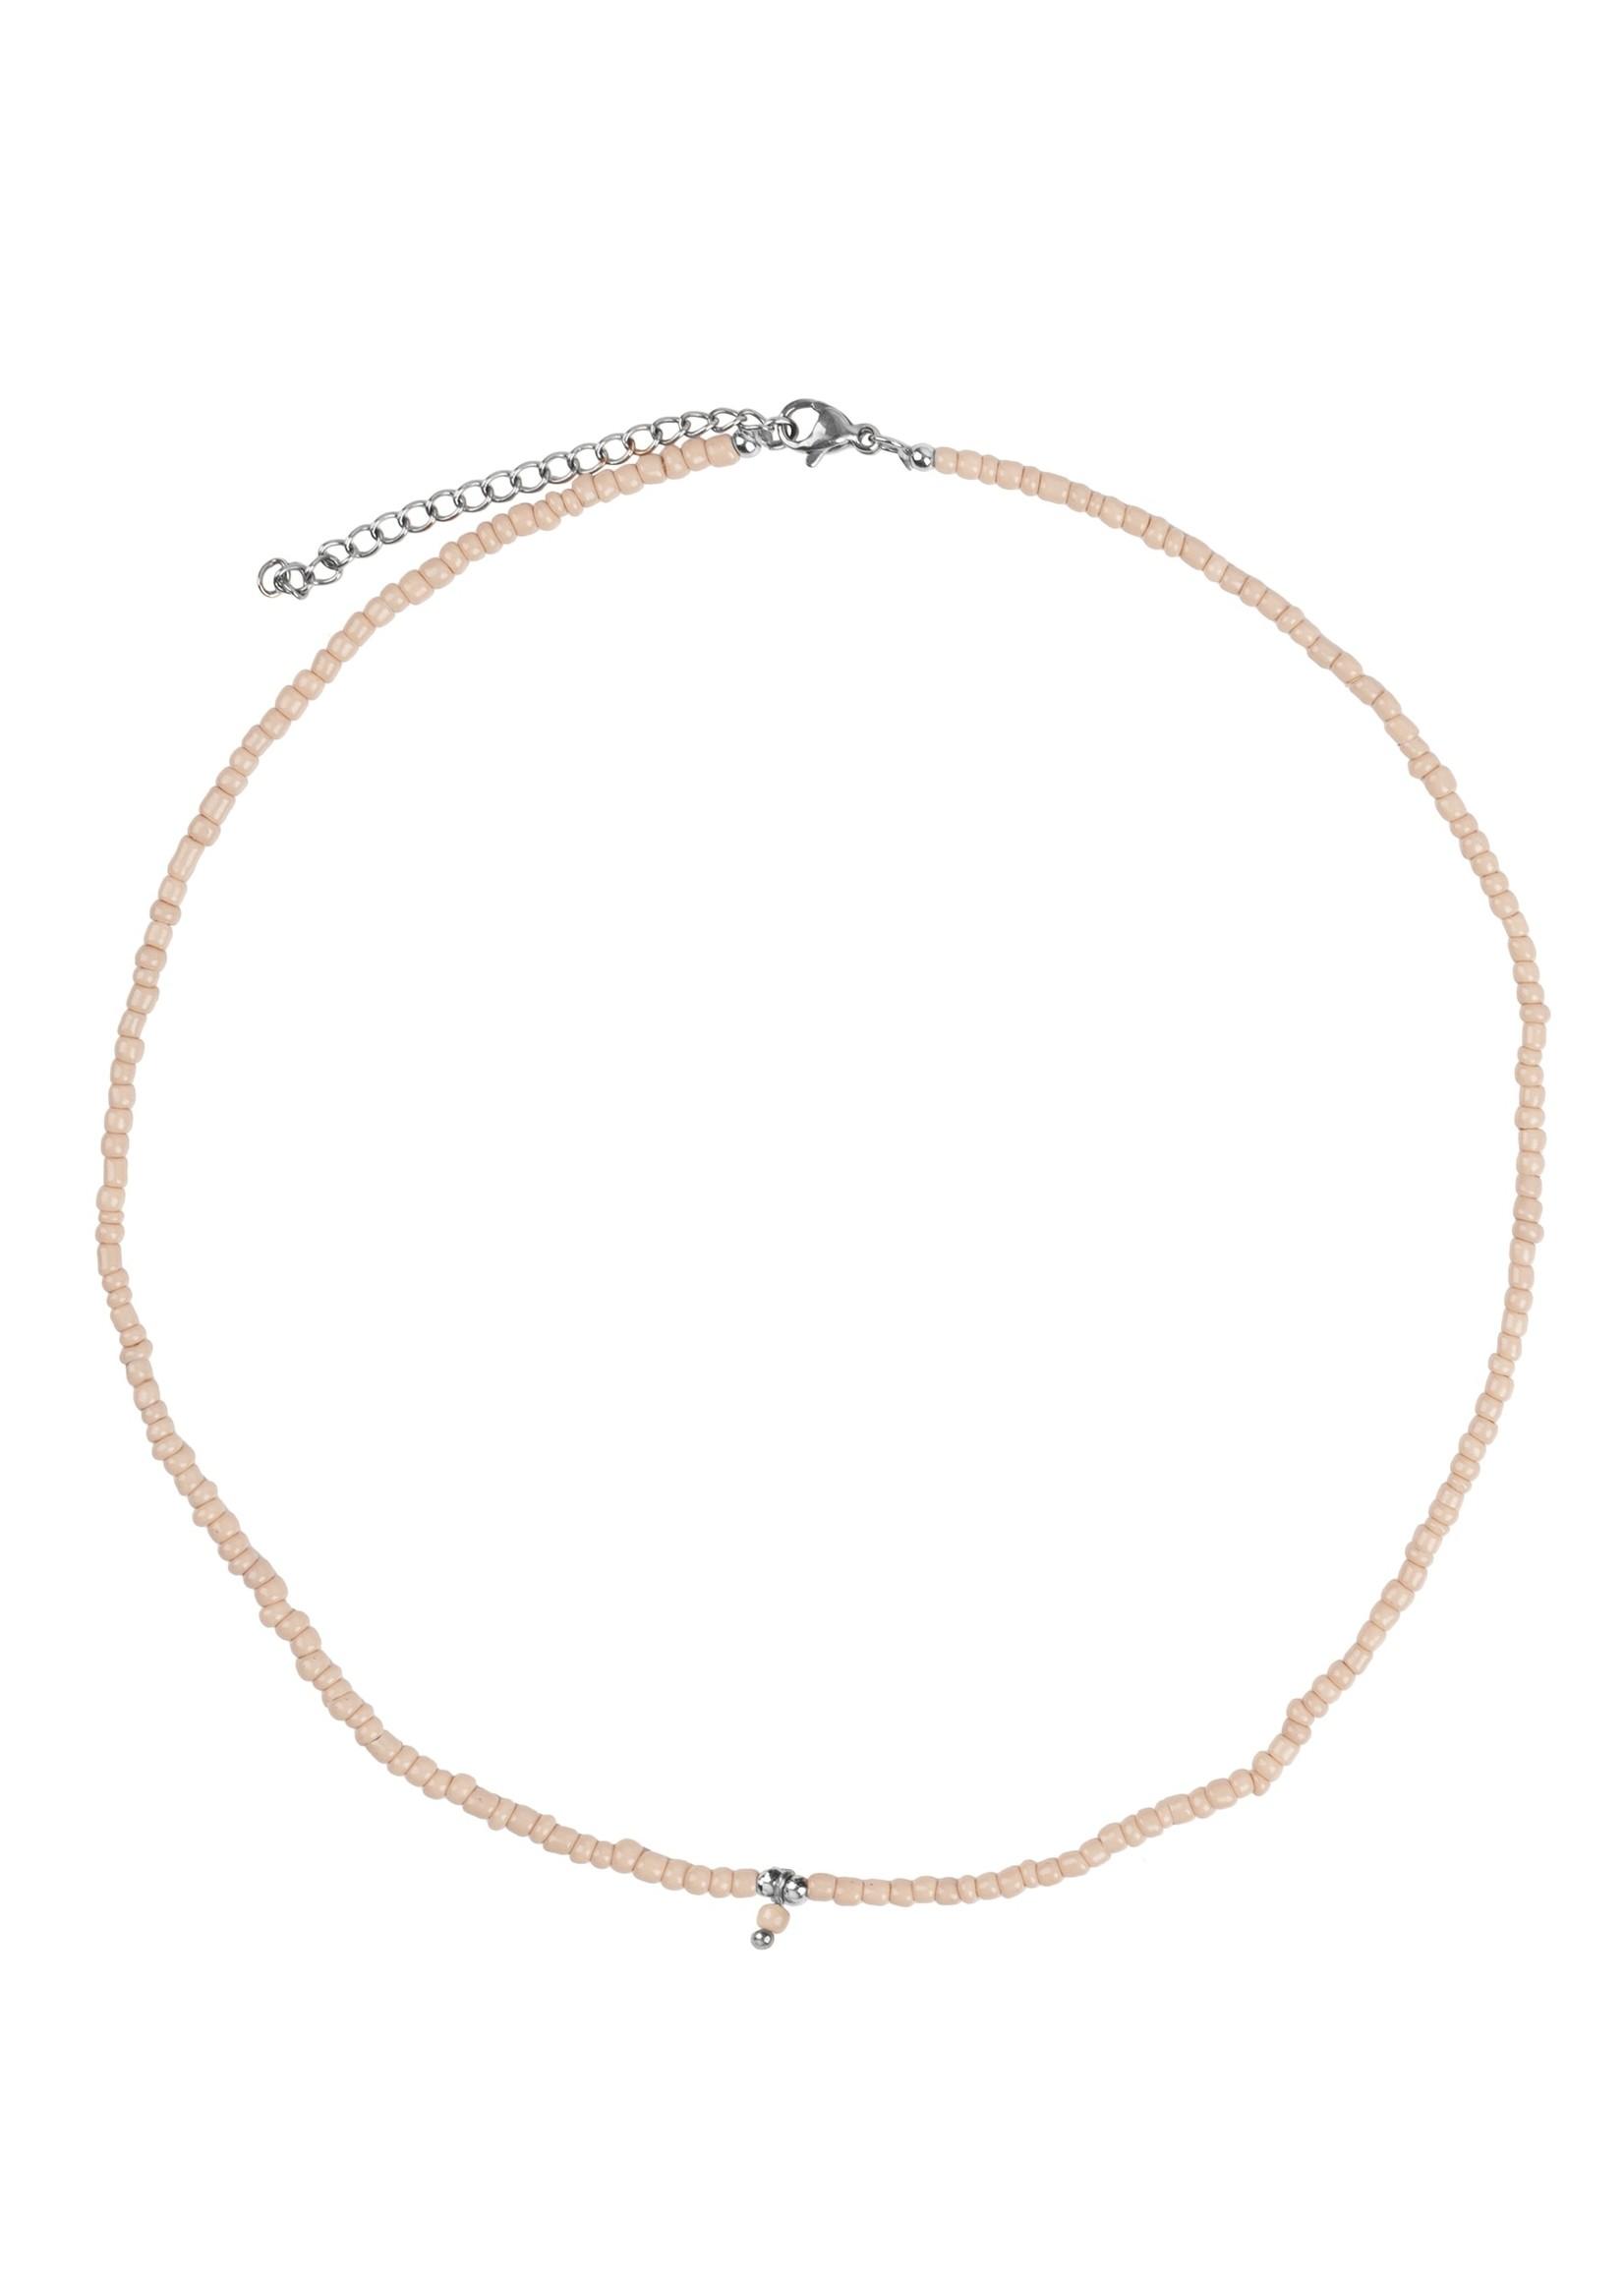 ZUSSS ketting met kraaltjes zand/zilver